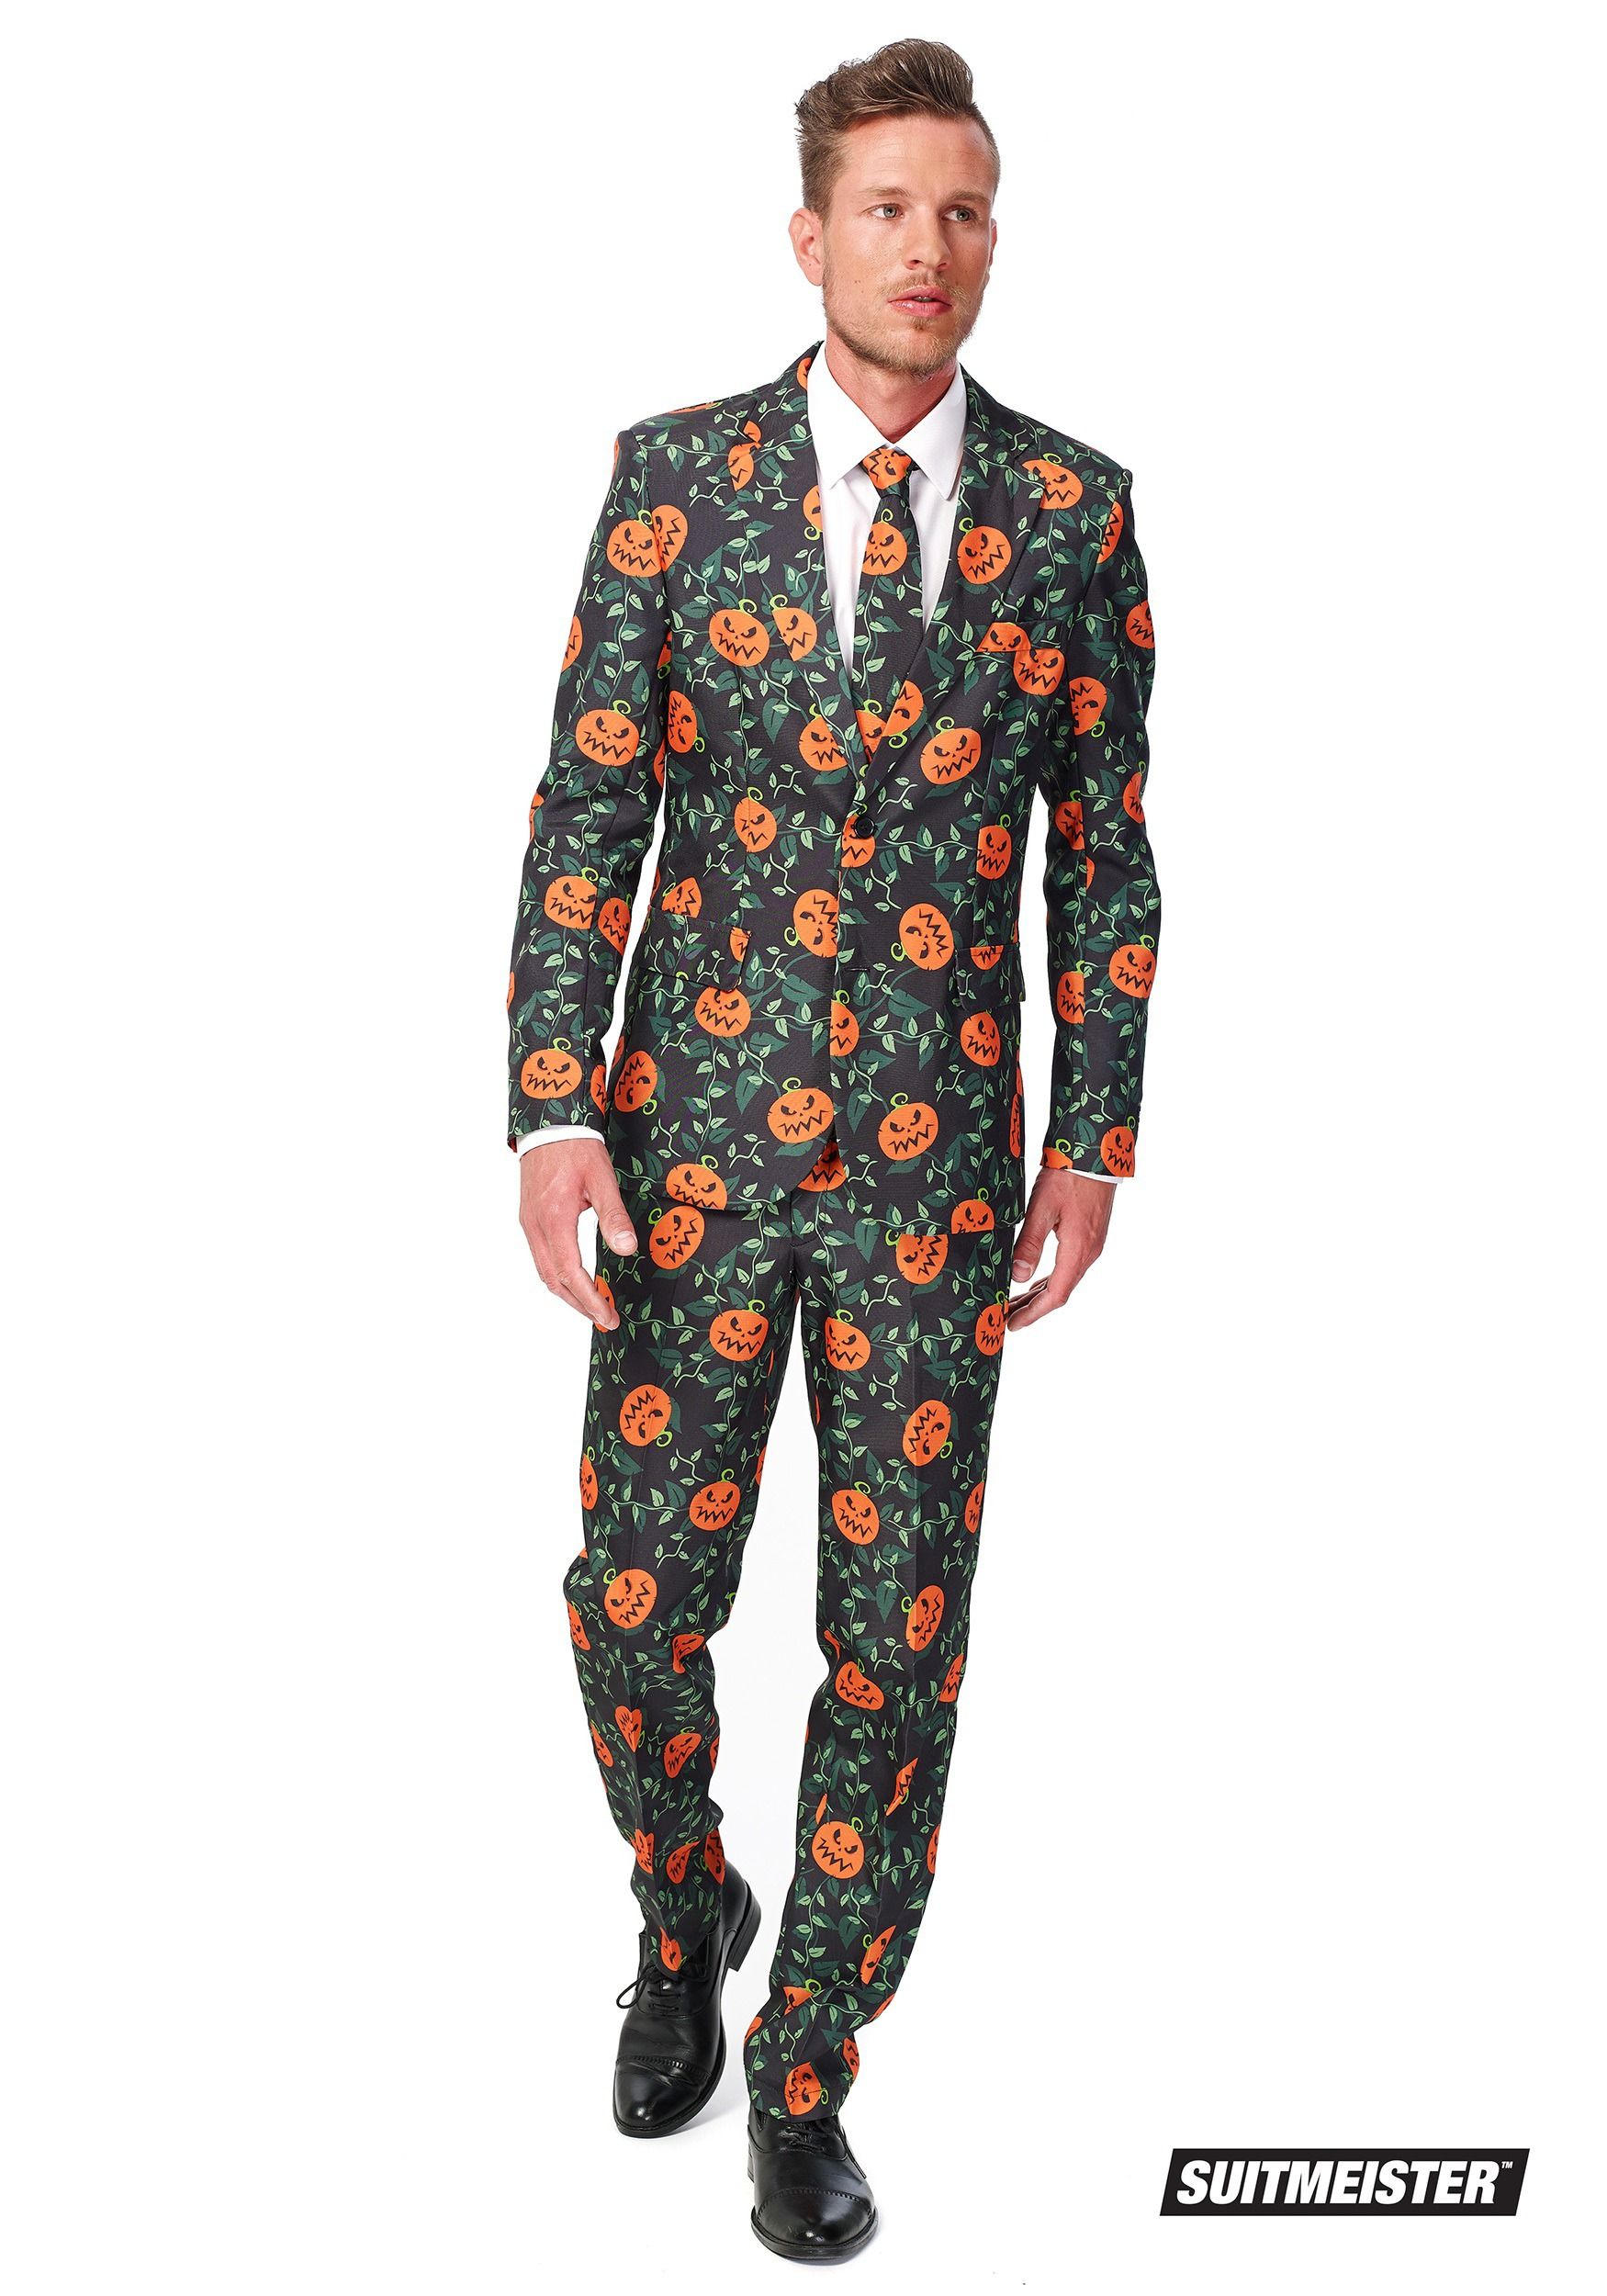 suitmeister basic pumpkin suit costume for men. Black Bedroom Furniture Sets. Home Design Ideas